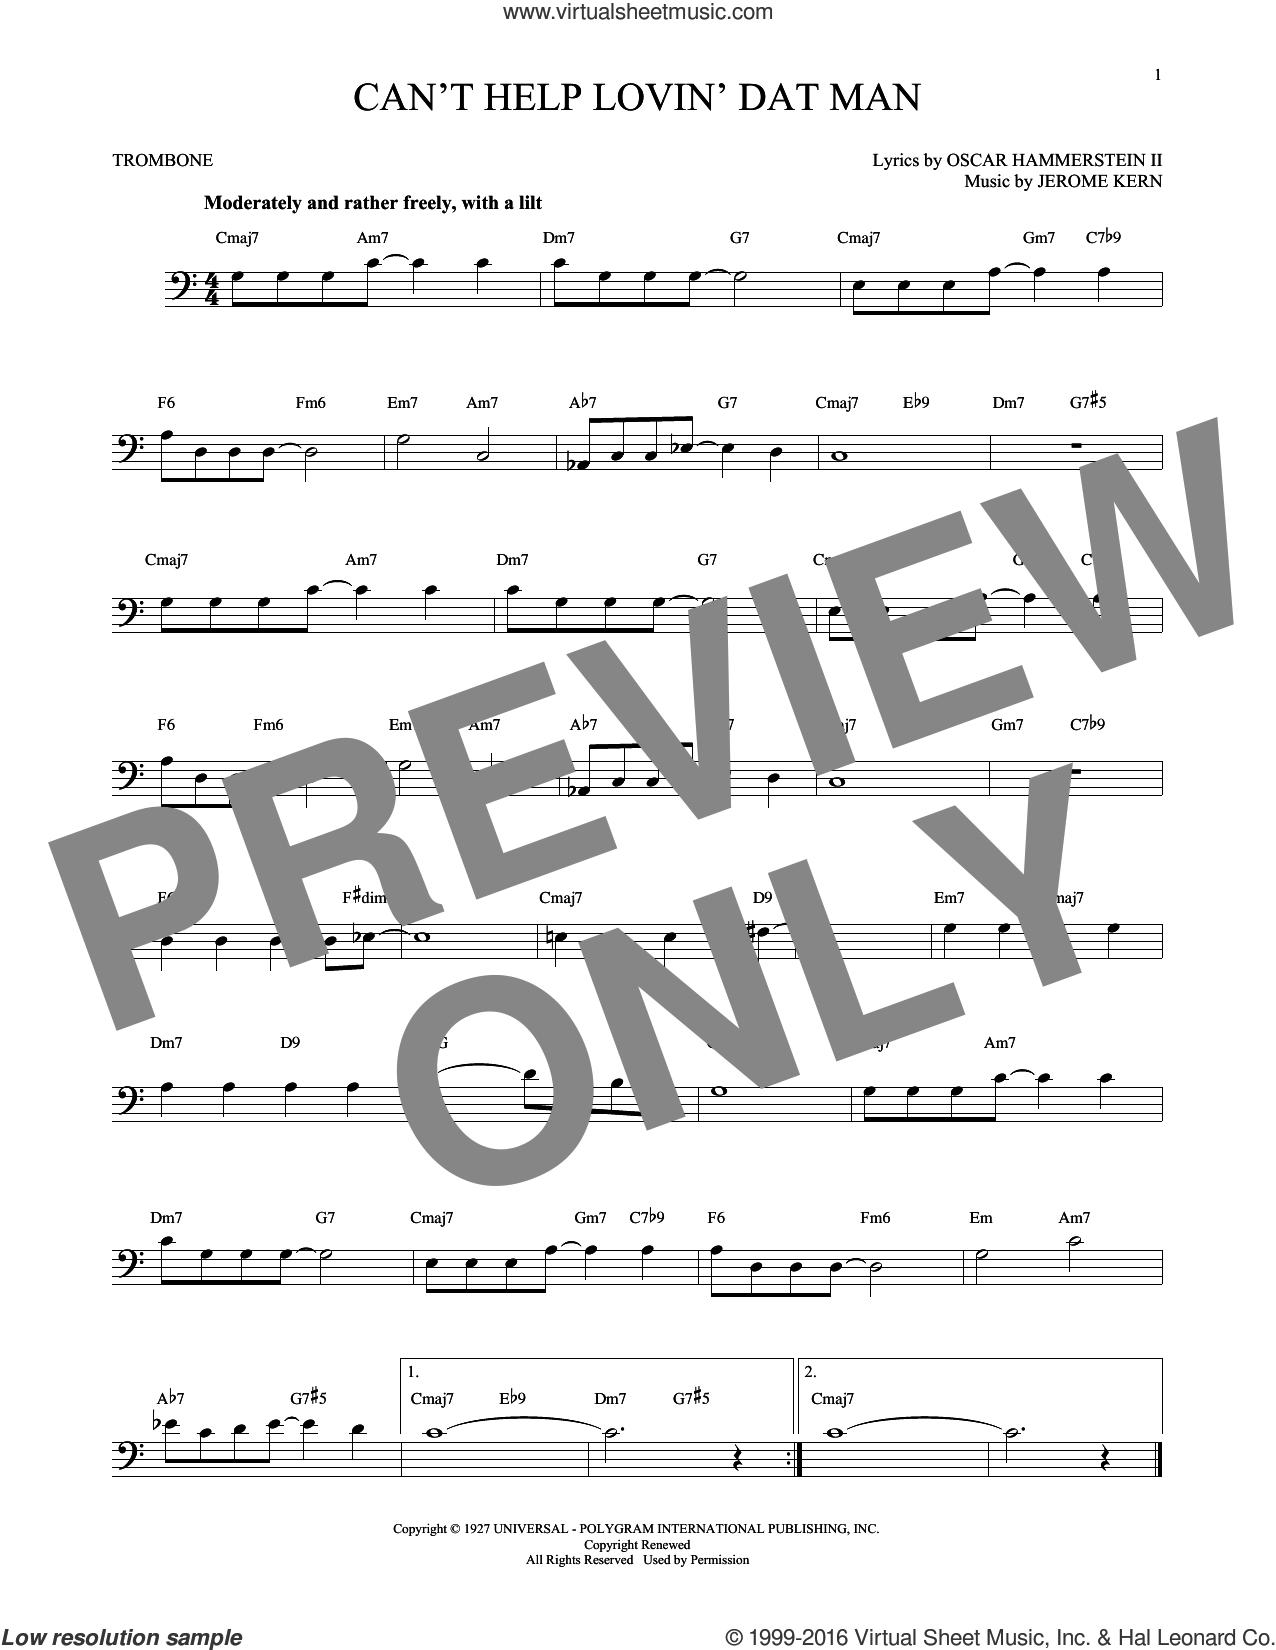 Can't Help Lovin' Dat Man sheet music for trombone solo by Oscar II Hammerstein, Annette Warren, Helen Morgan and Jerome Kern, intermediate skill level